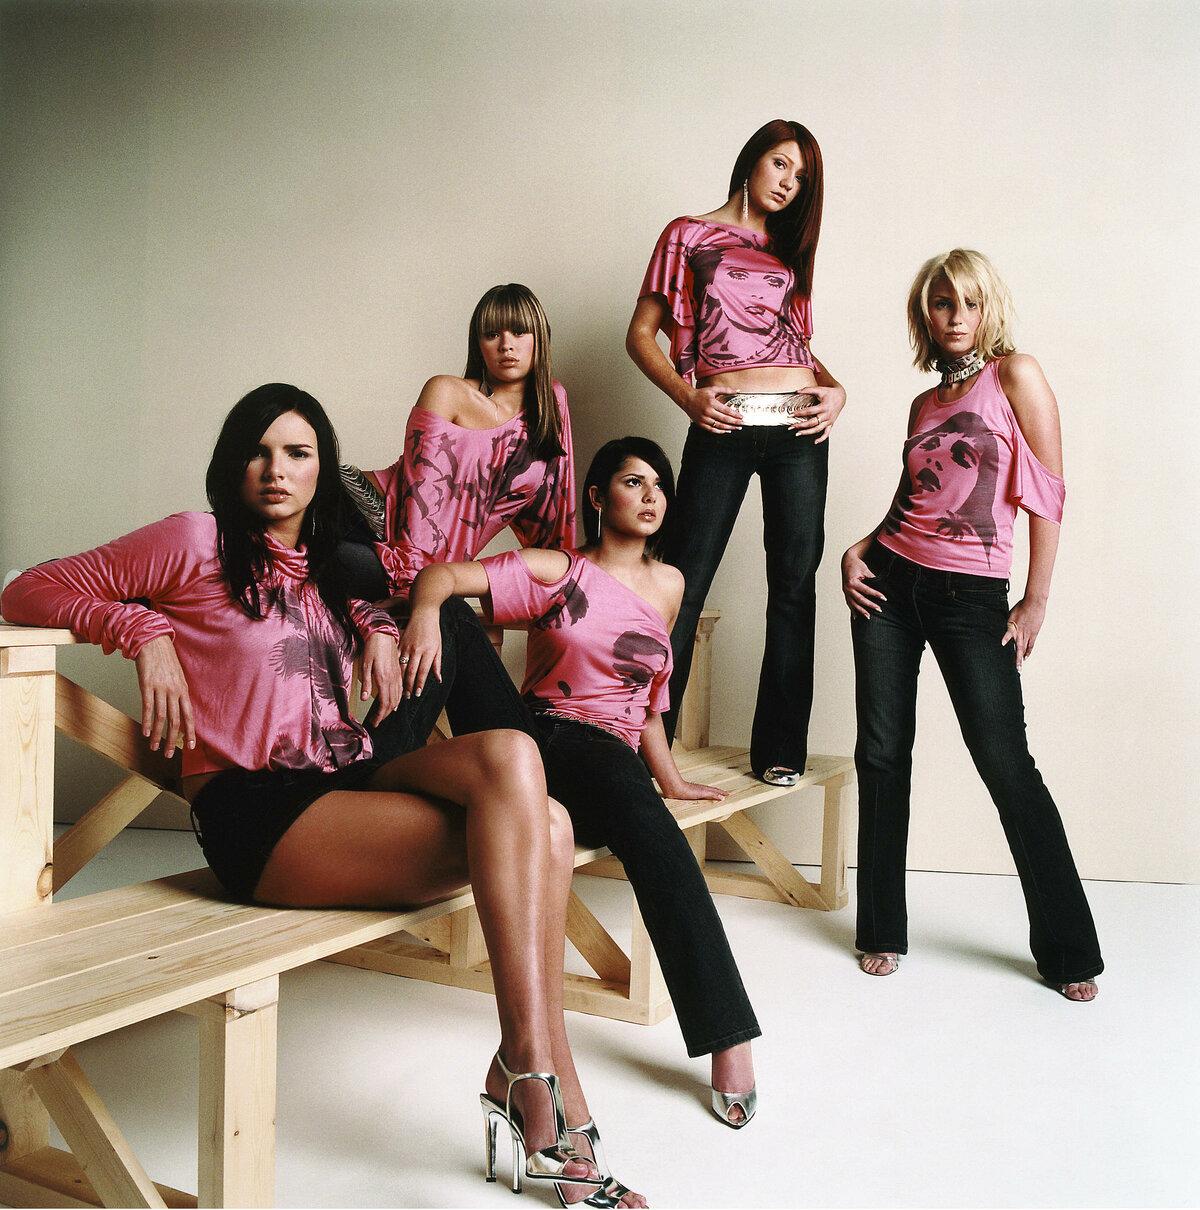 Картинки группы женщин